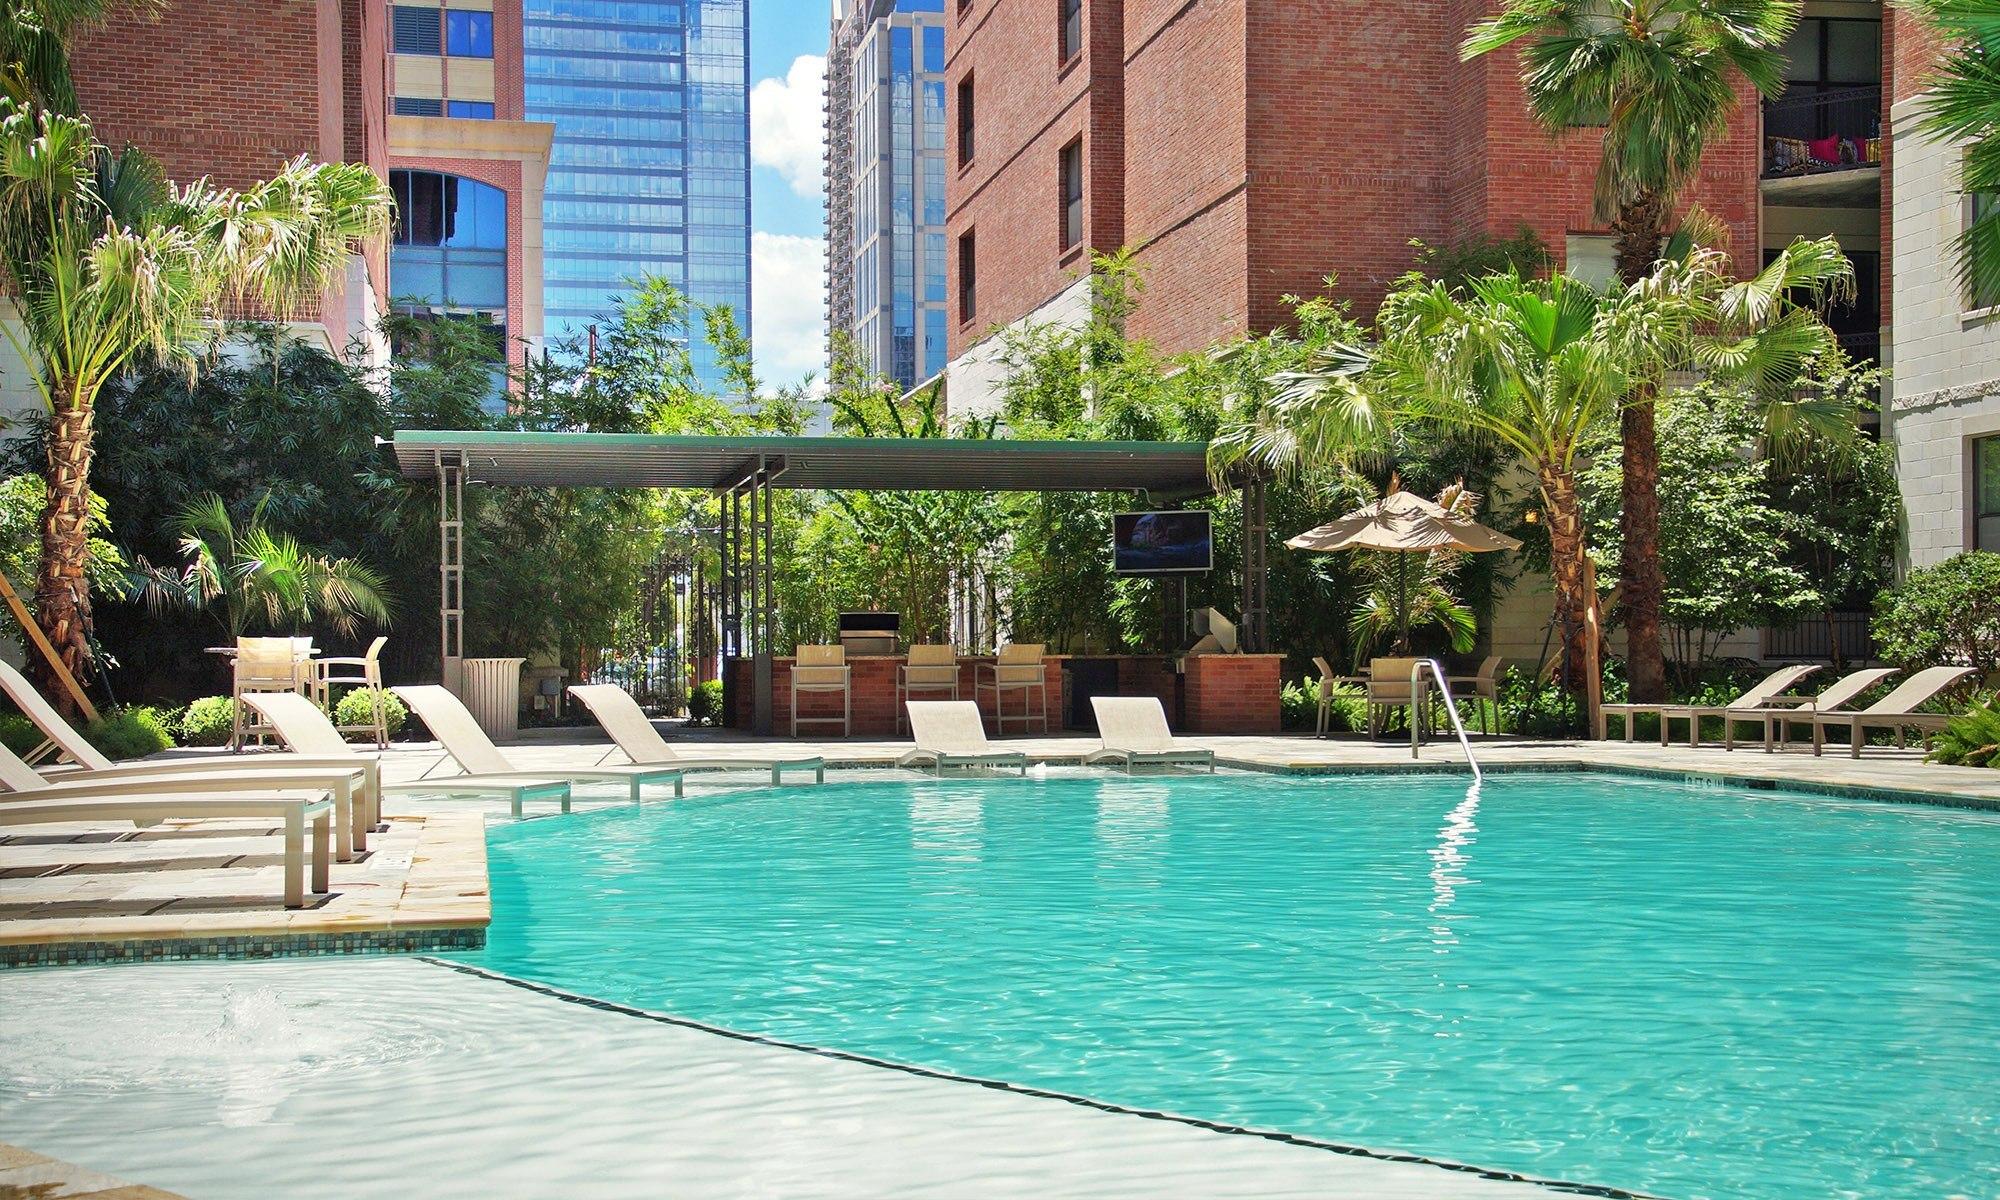 Pool - 500 Crawford Apartments